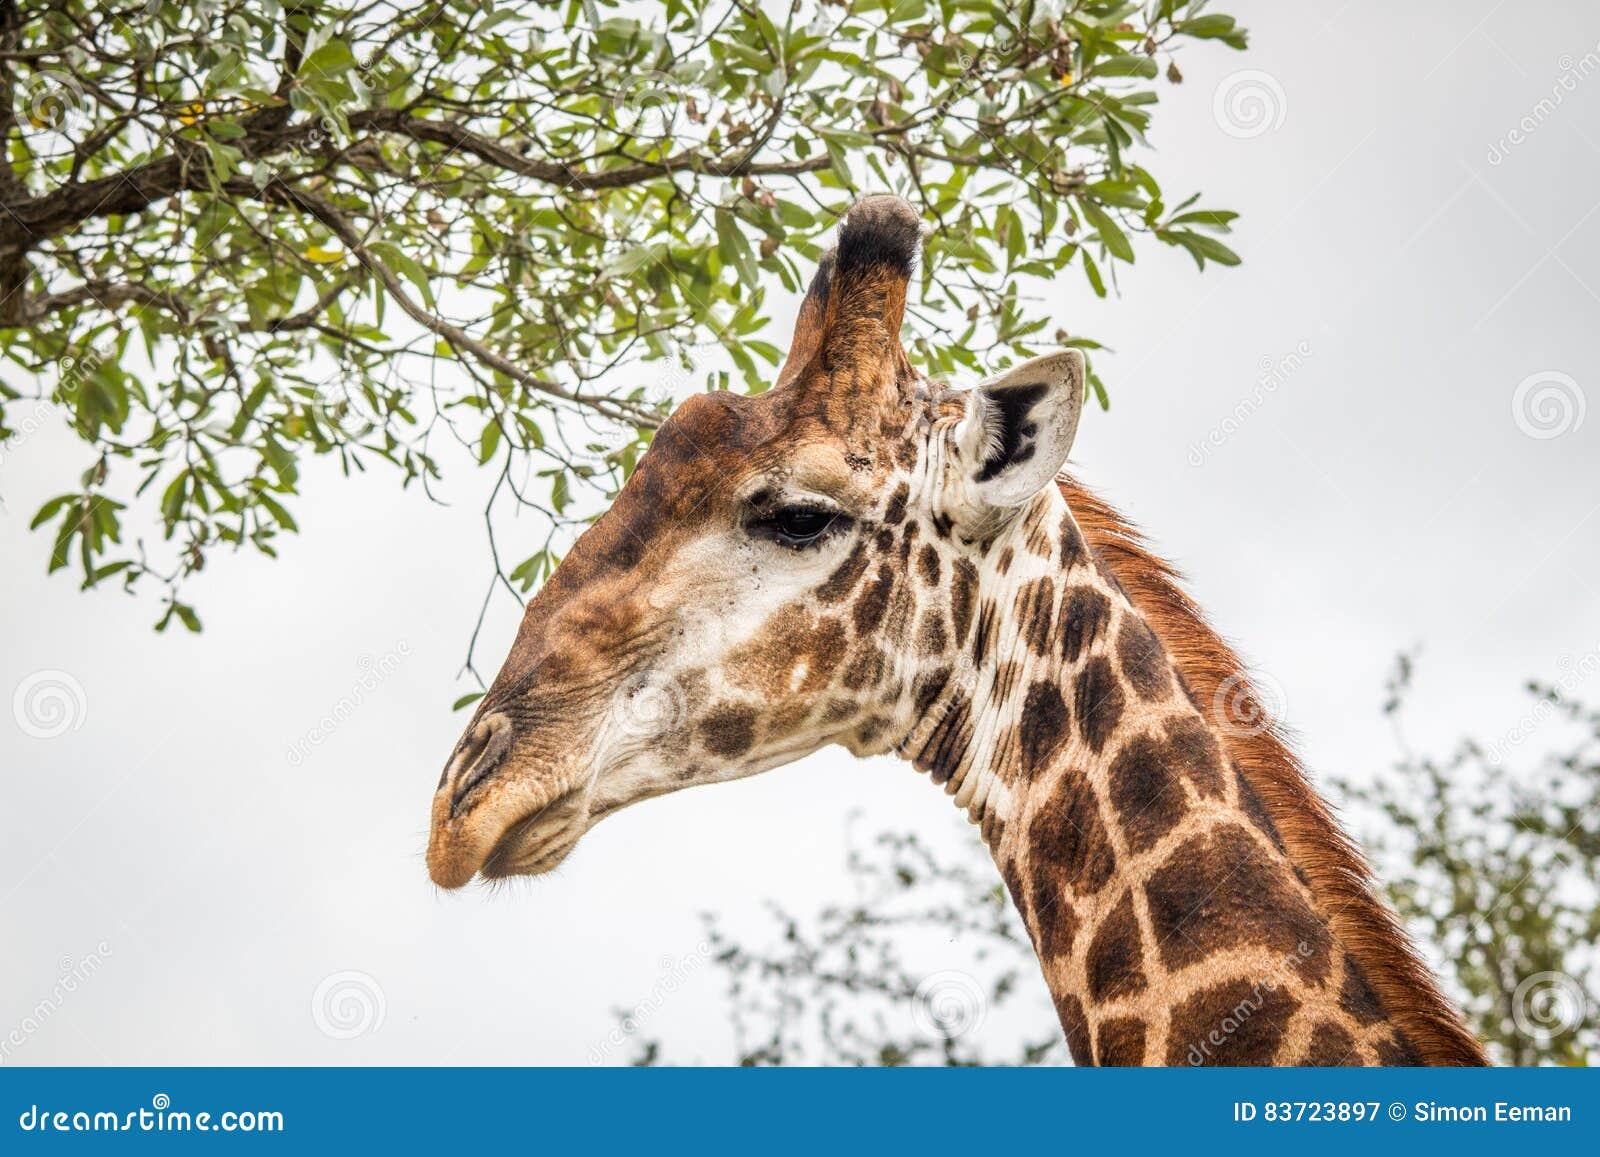 Eating Giraffe In The Kruger. Stock Photo